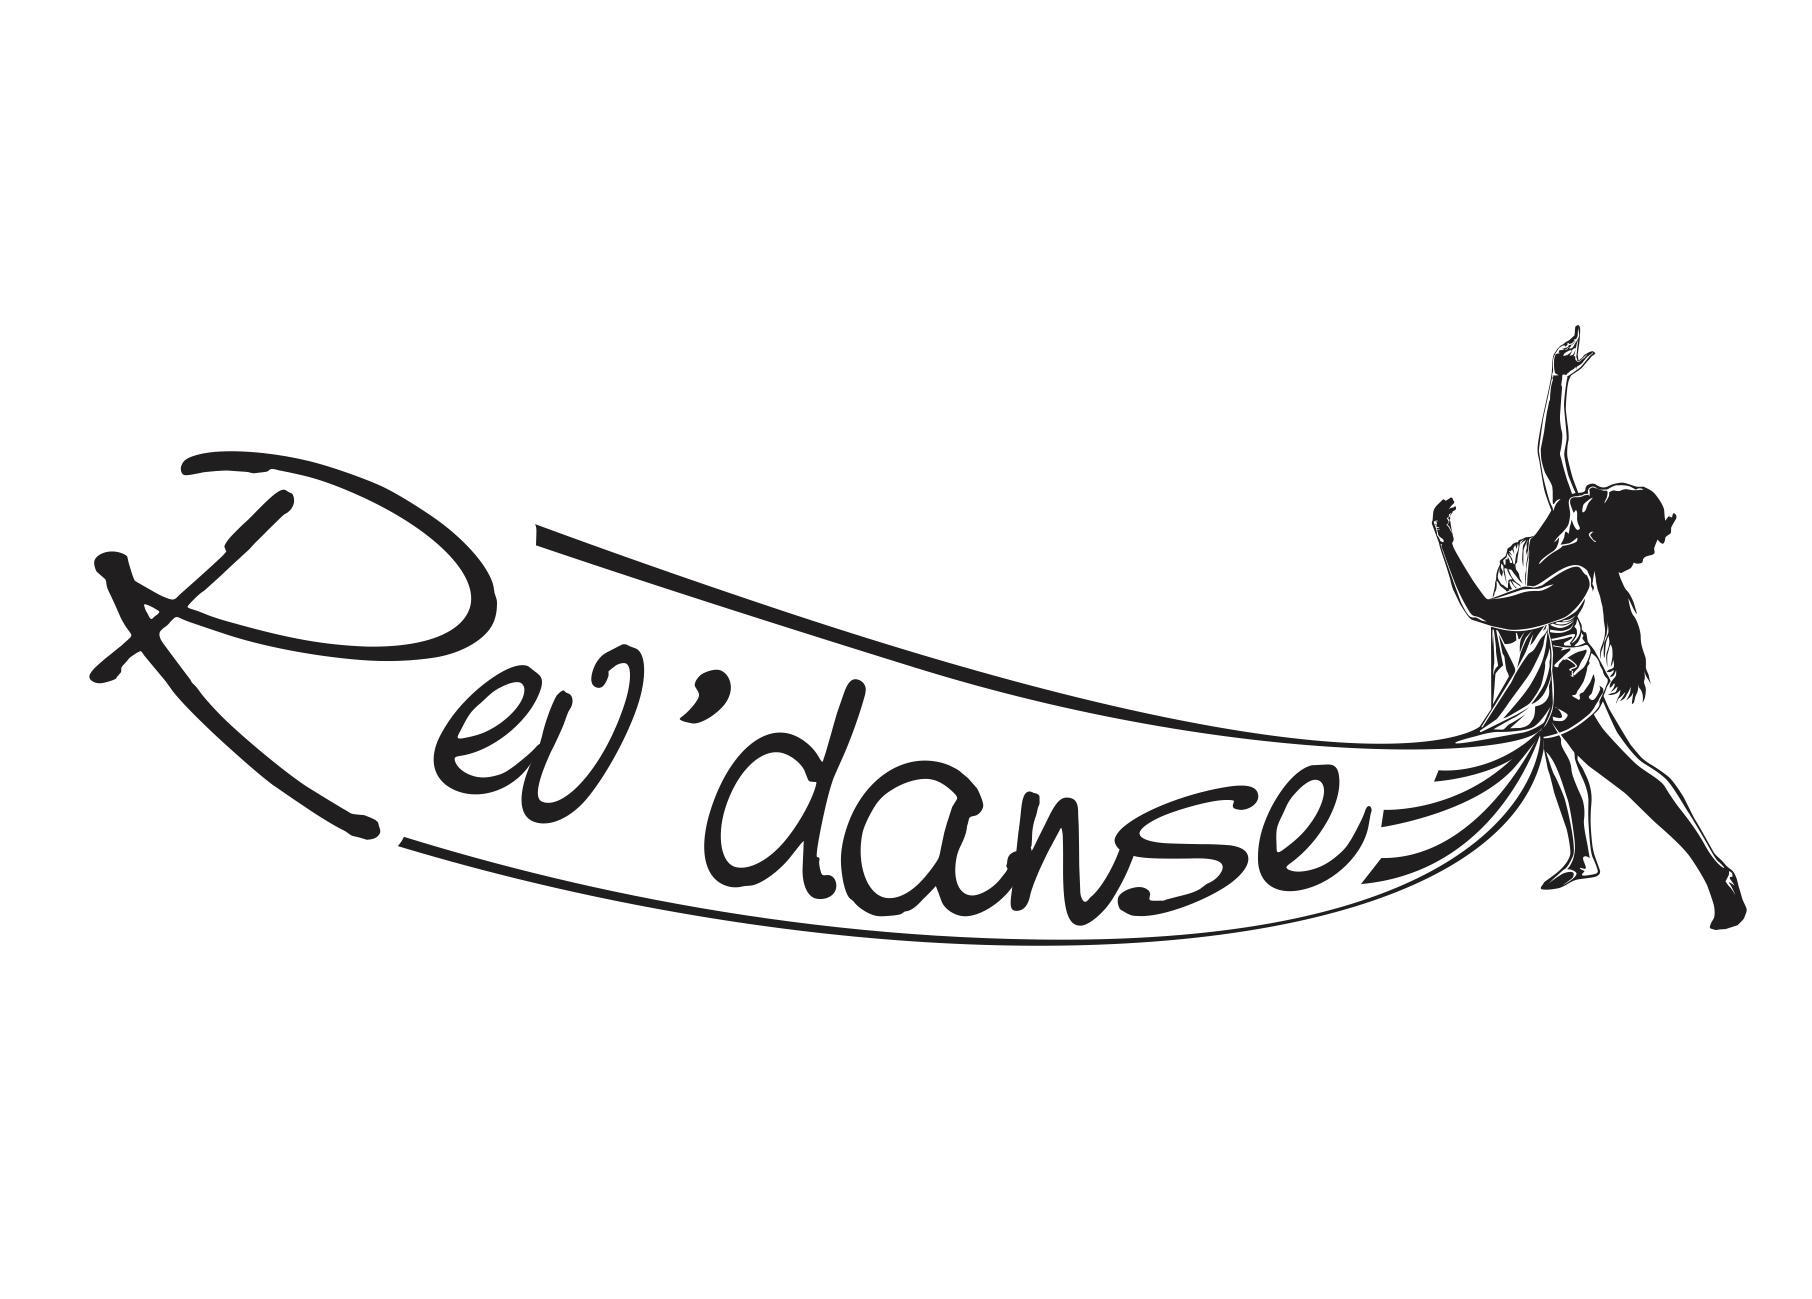 Rev'danse